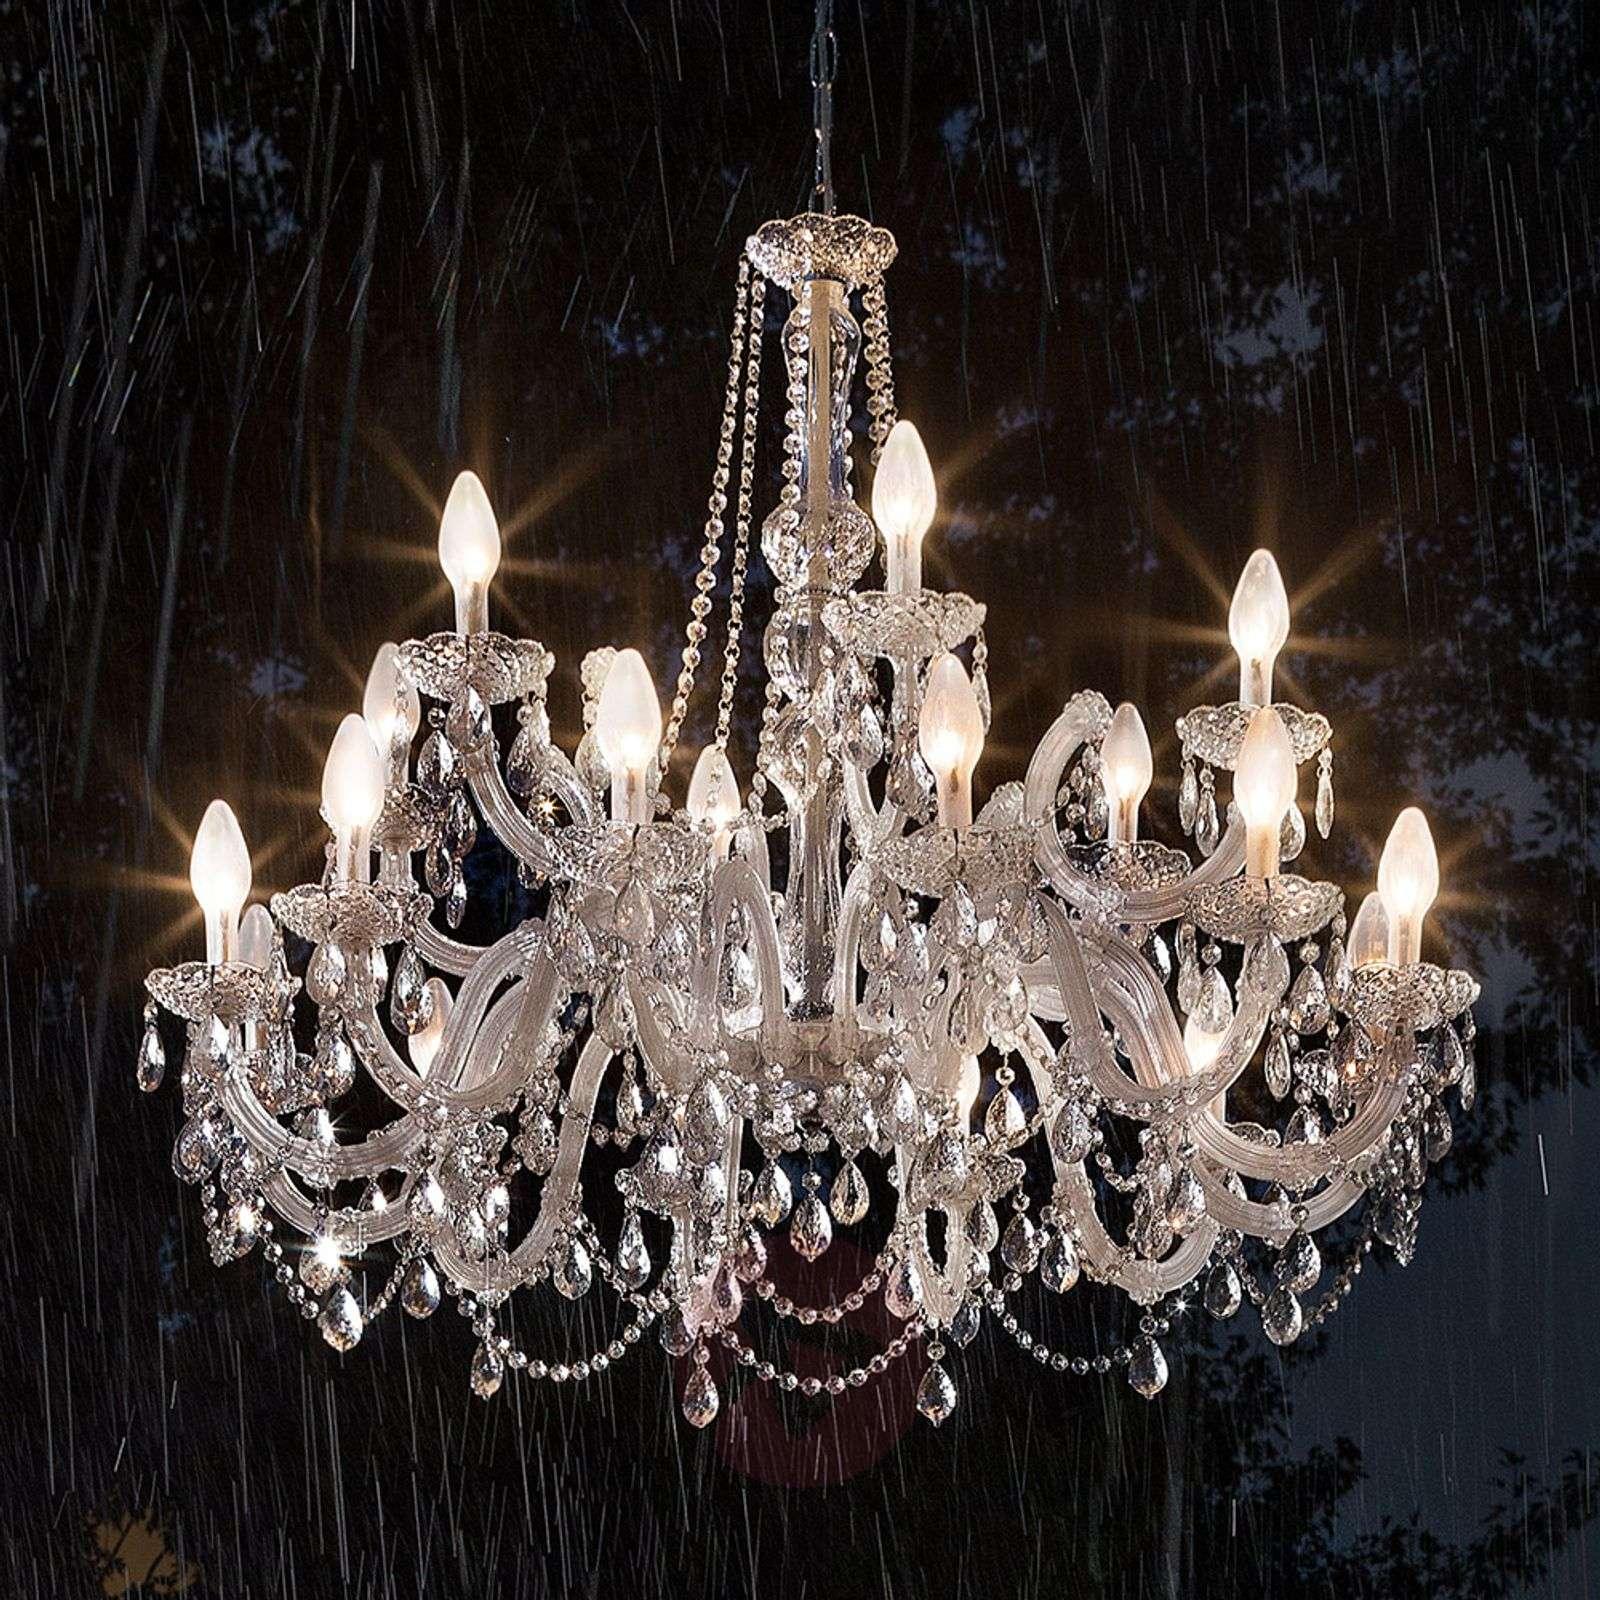 outdoor light uk co lights chandelier drylight led bulb